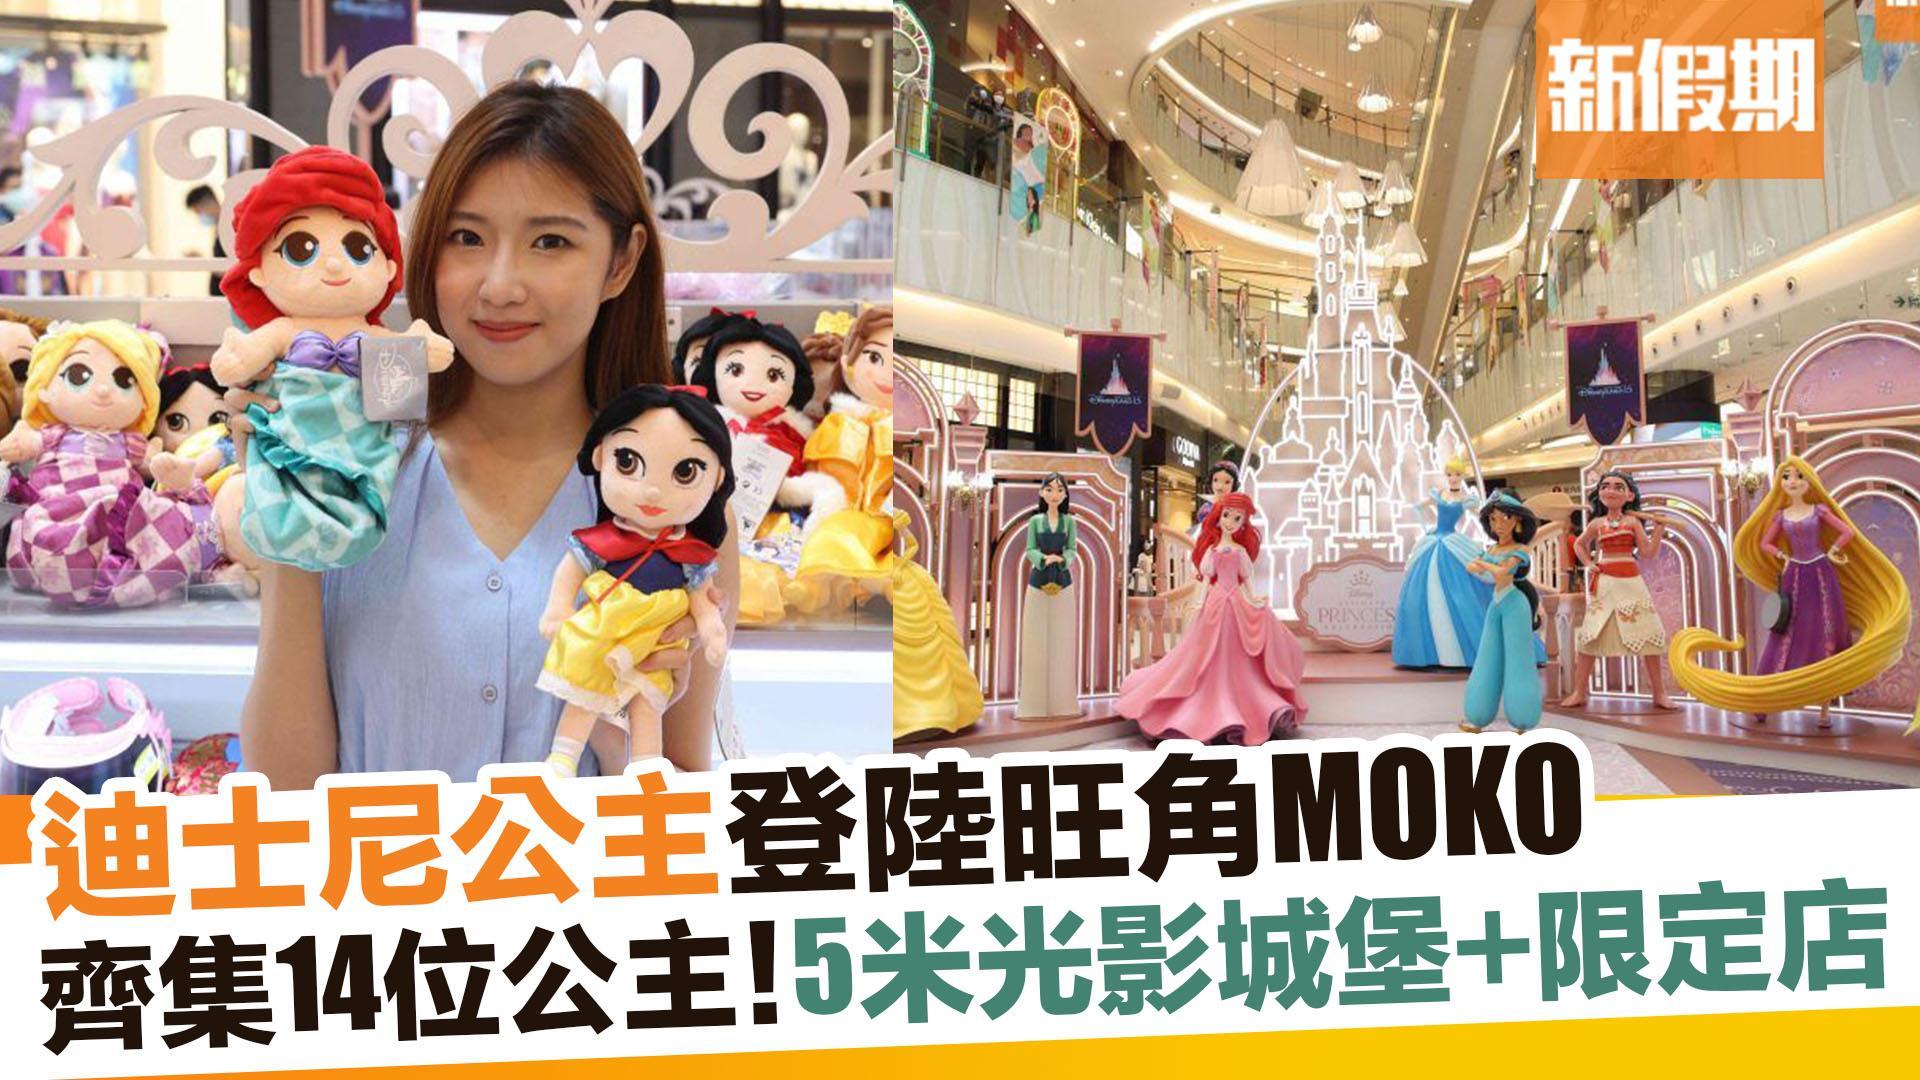 【香港好去處】迪士尼公主巡禮登陸旺角MOKO新世紀廣場 現場率先睇! 新假期